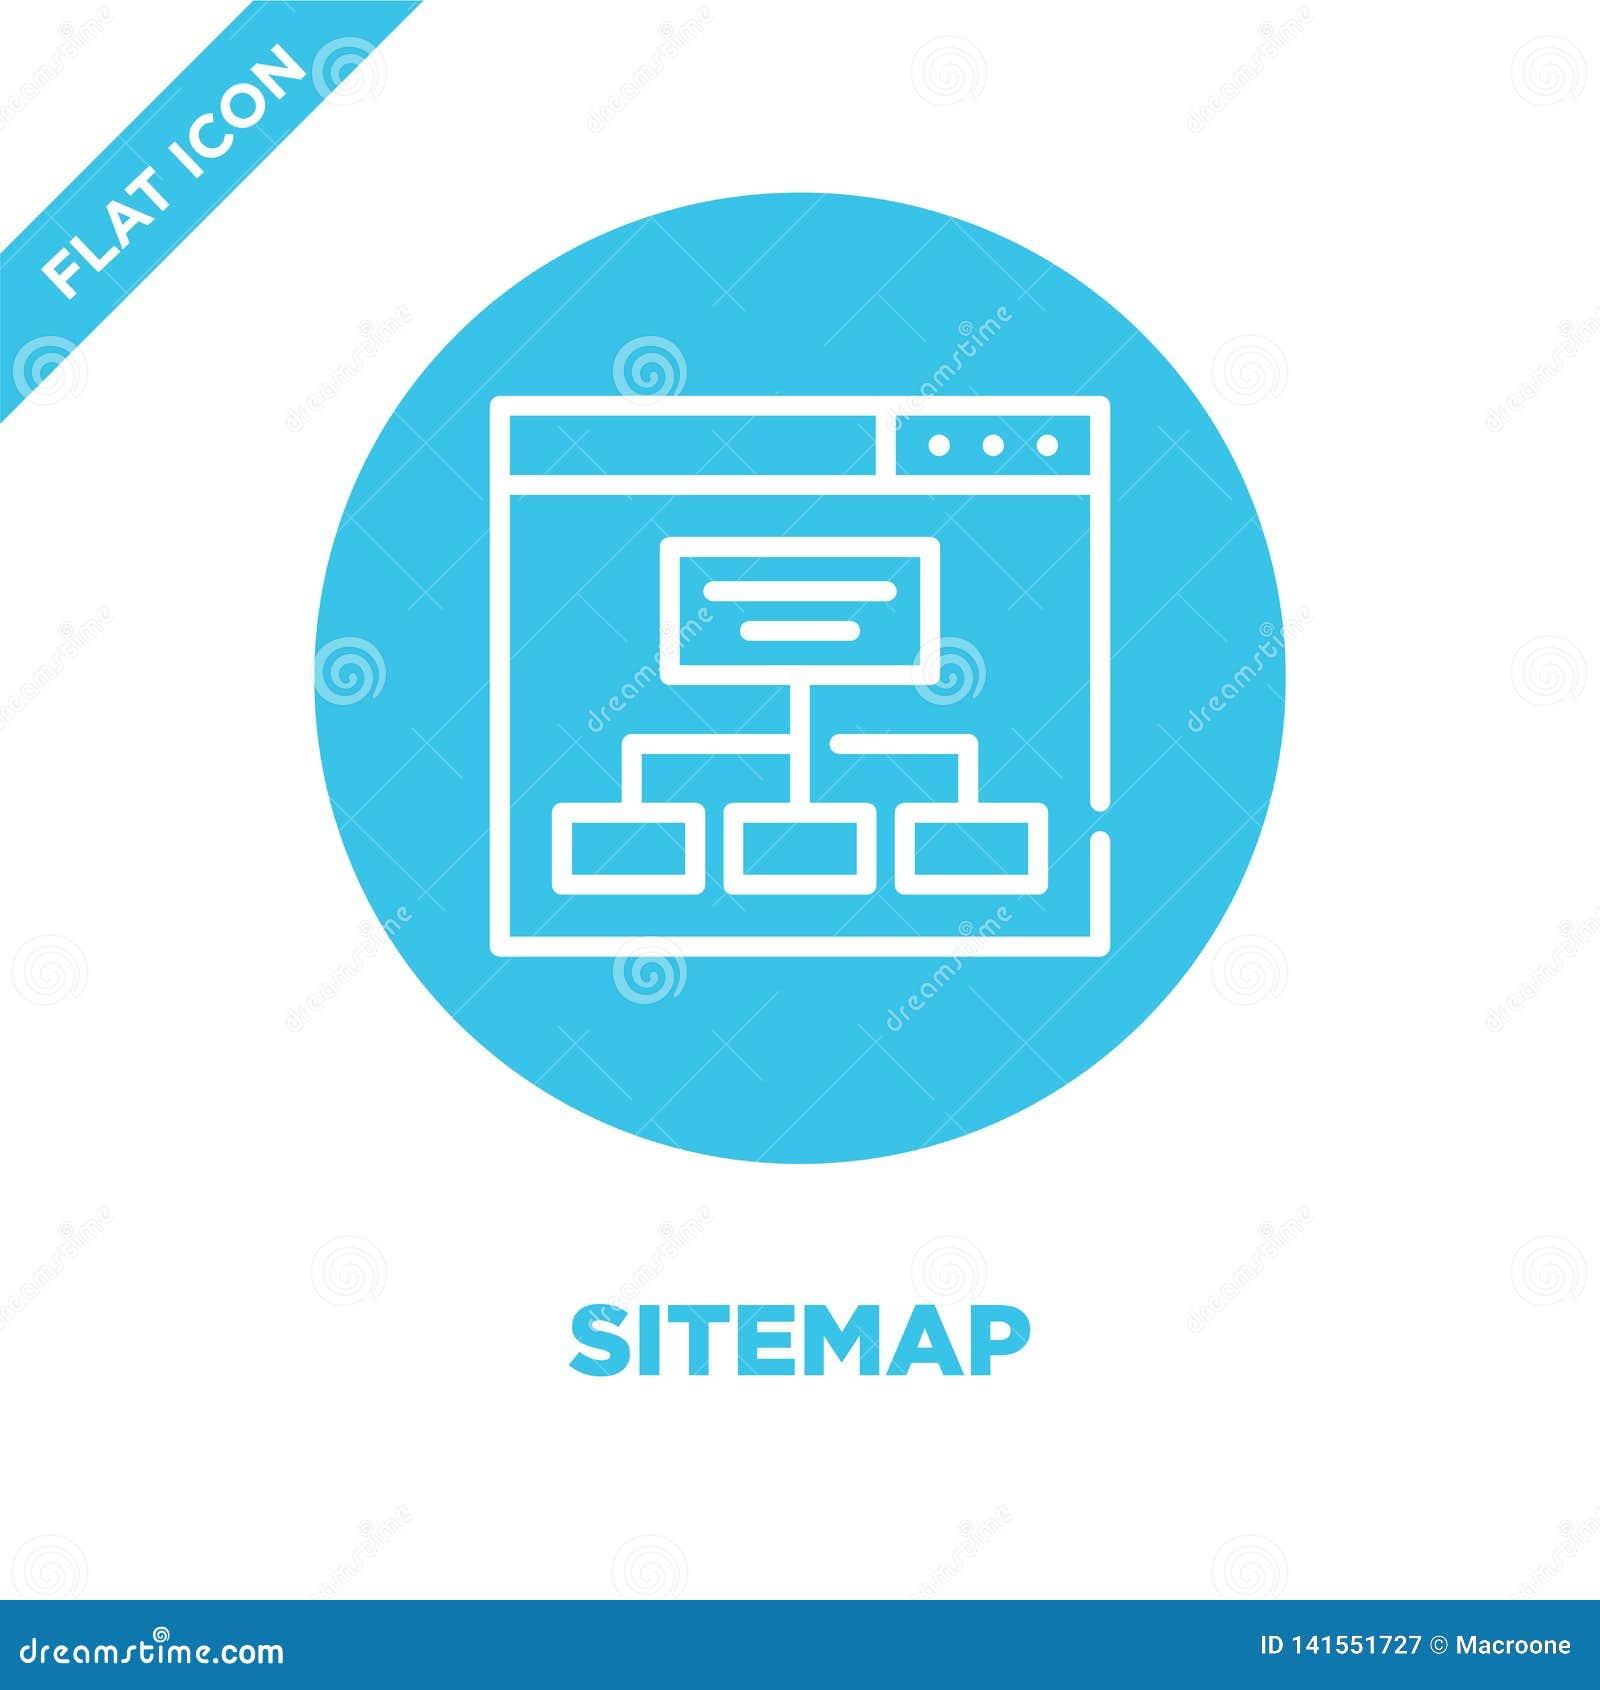 Vetor do ícone do sitemap Linha fina ilustração do vetor do ícone do esboço do sitemap símbolo do sitemap para o uso na Web e em